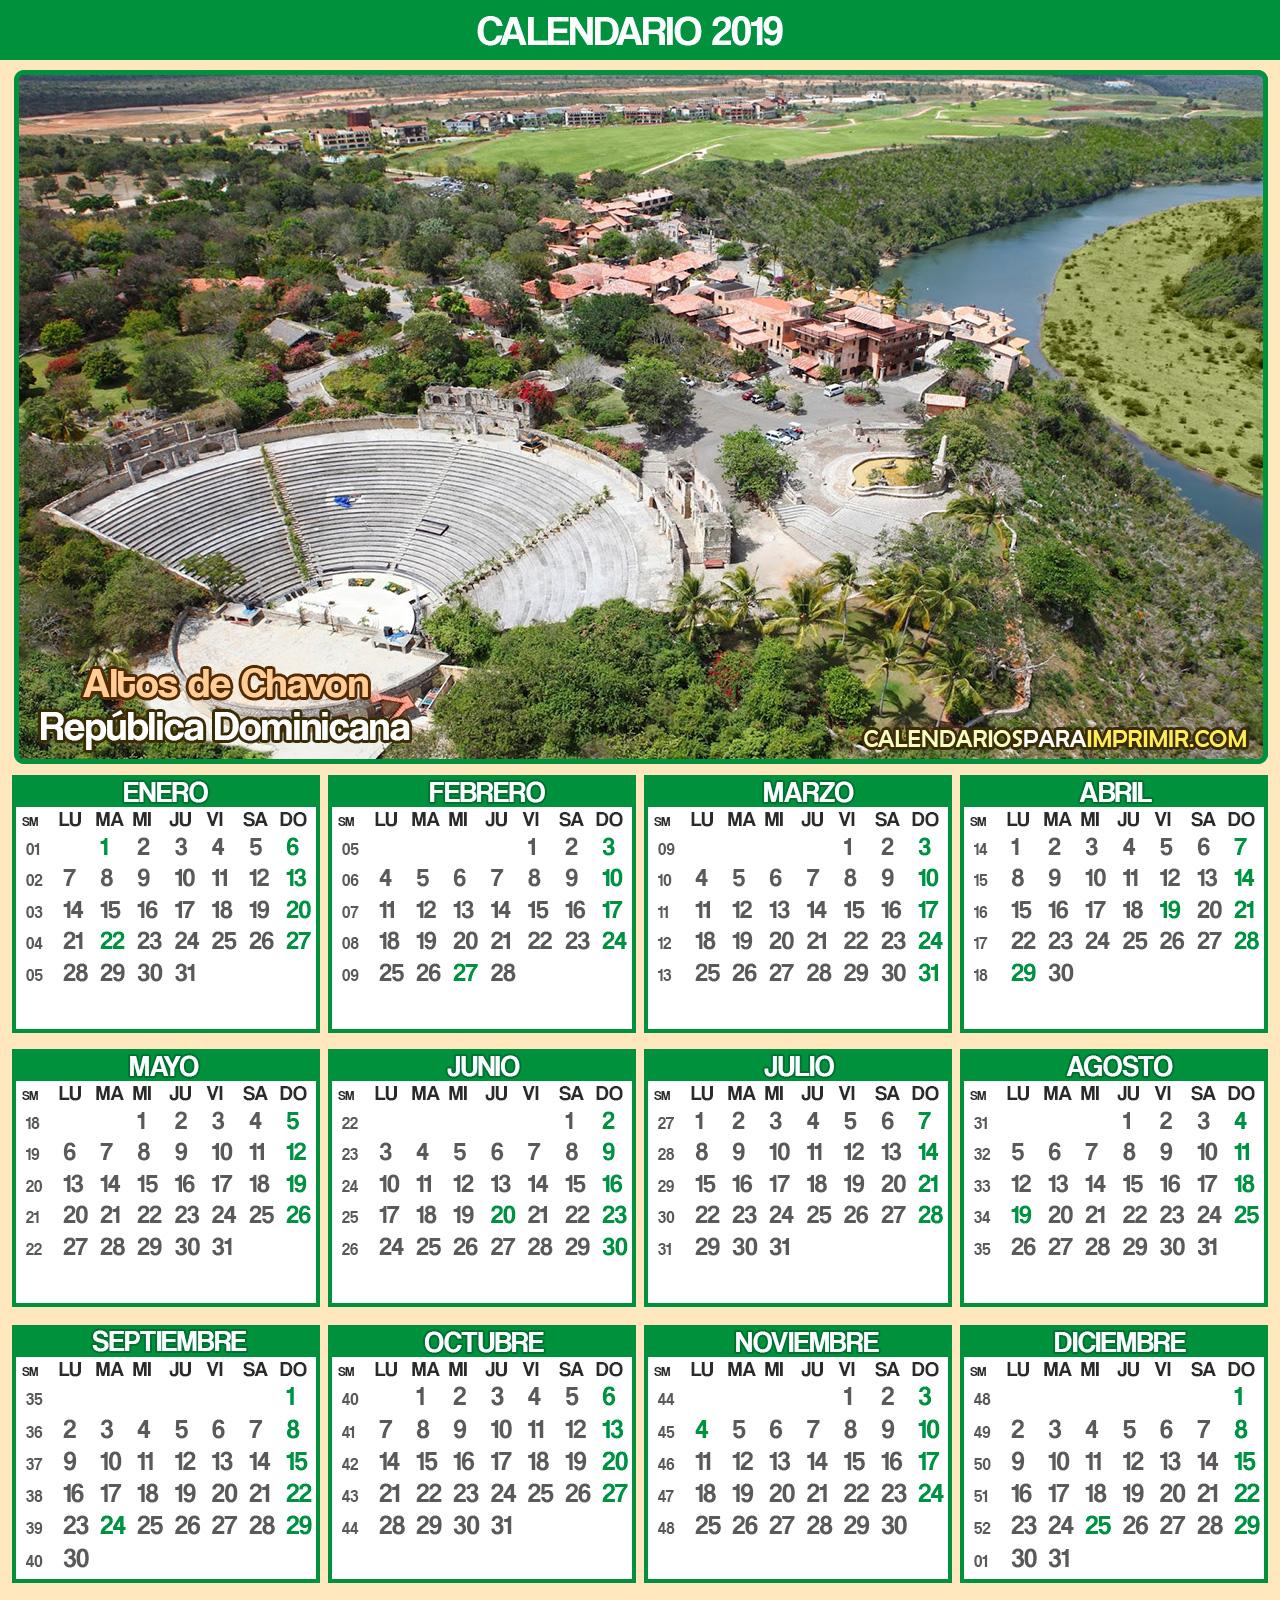 calendario republica dominicana 2019